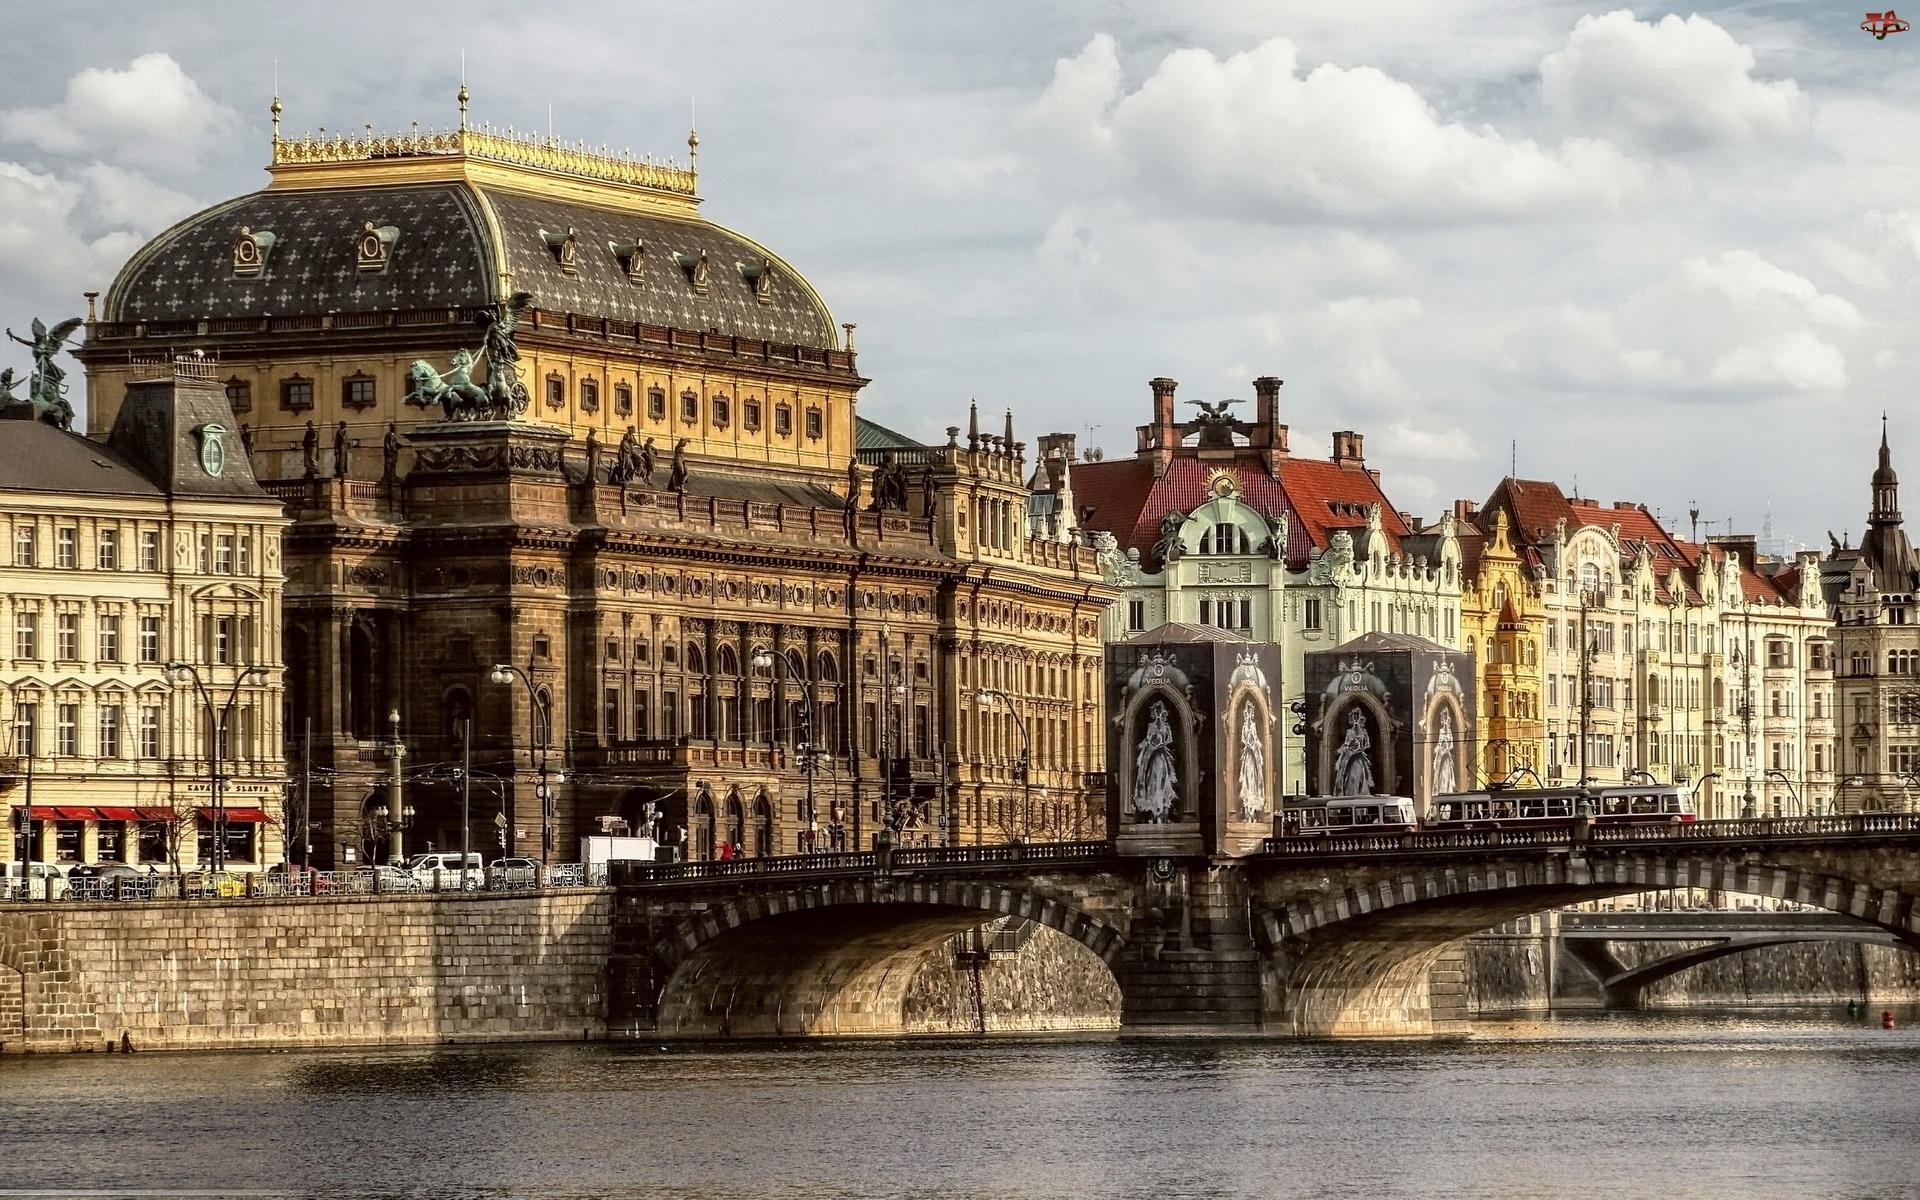 Miasto, Rzeka, Zabytki, Most